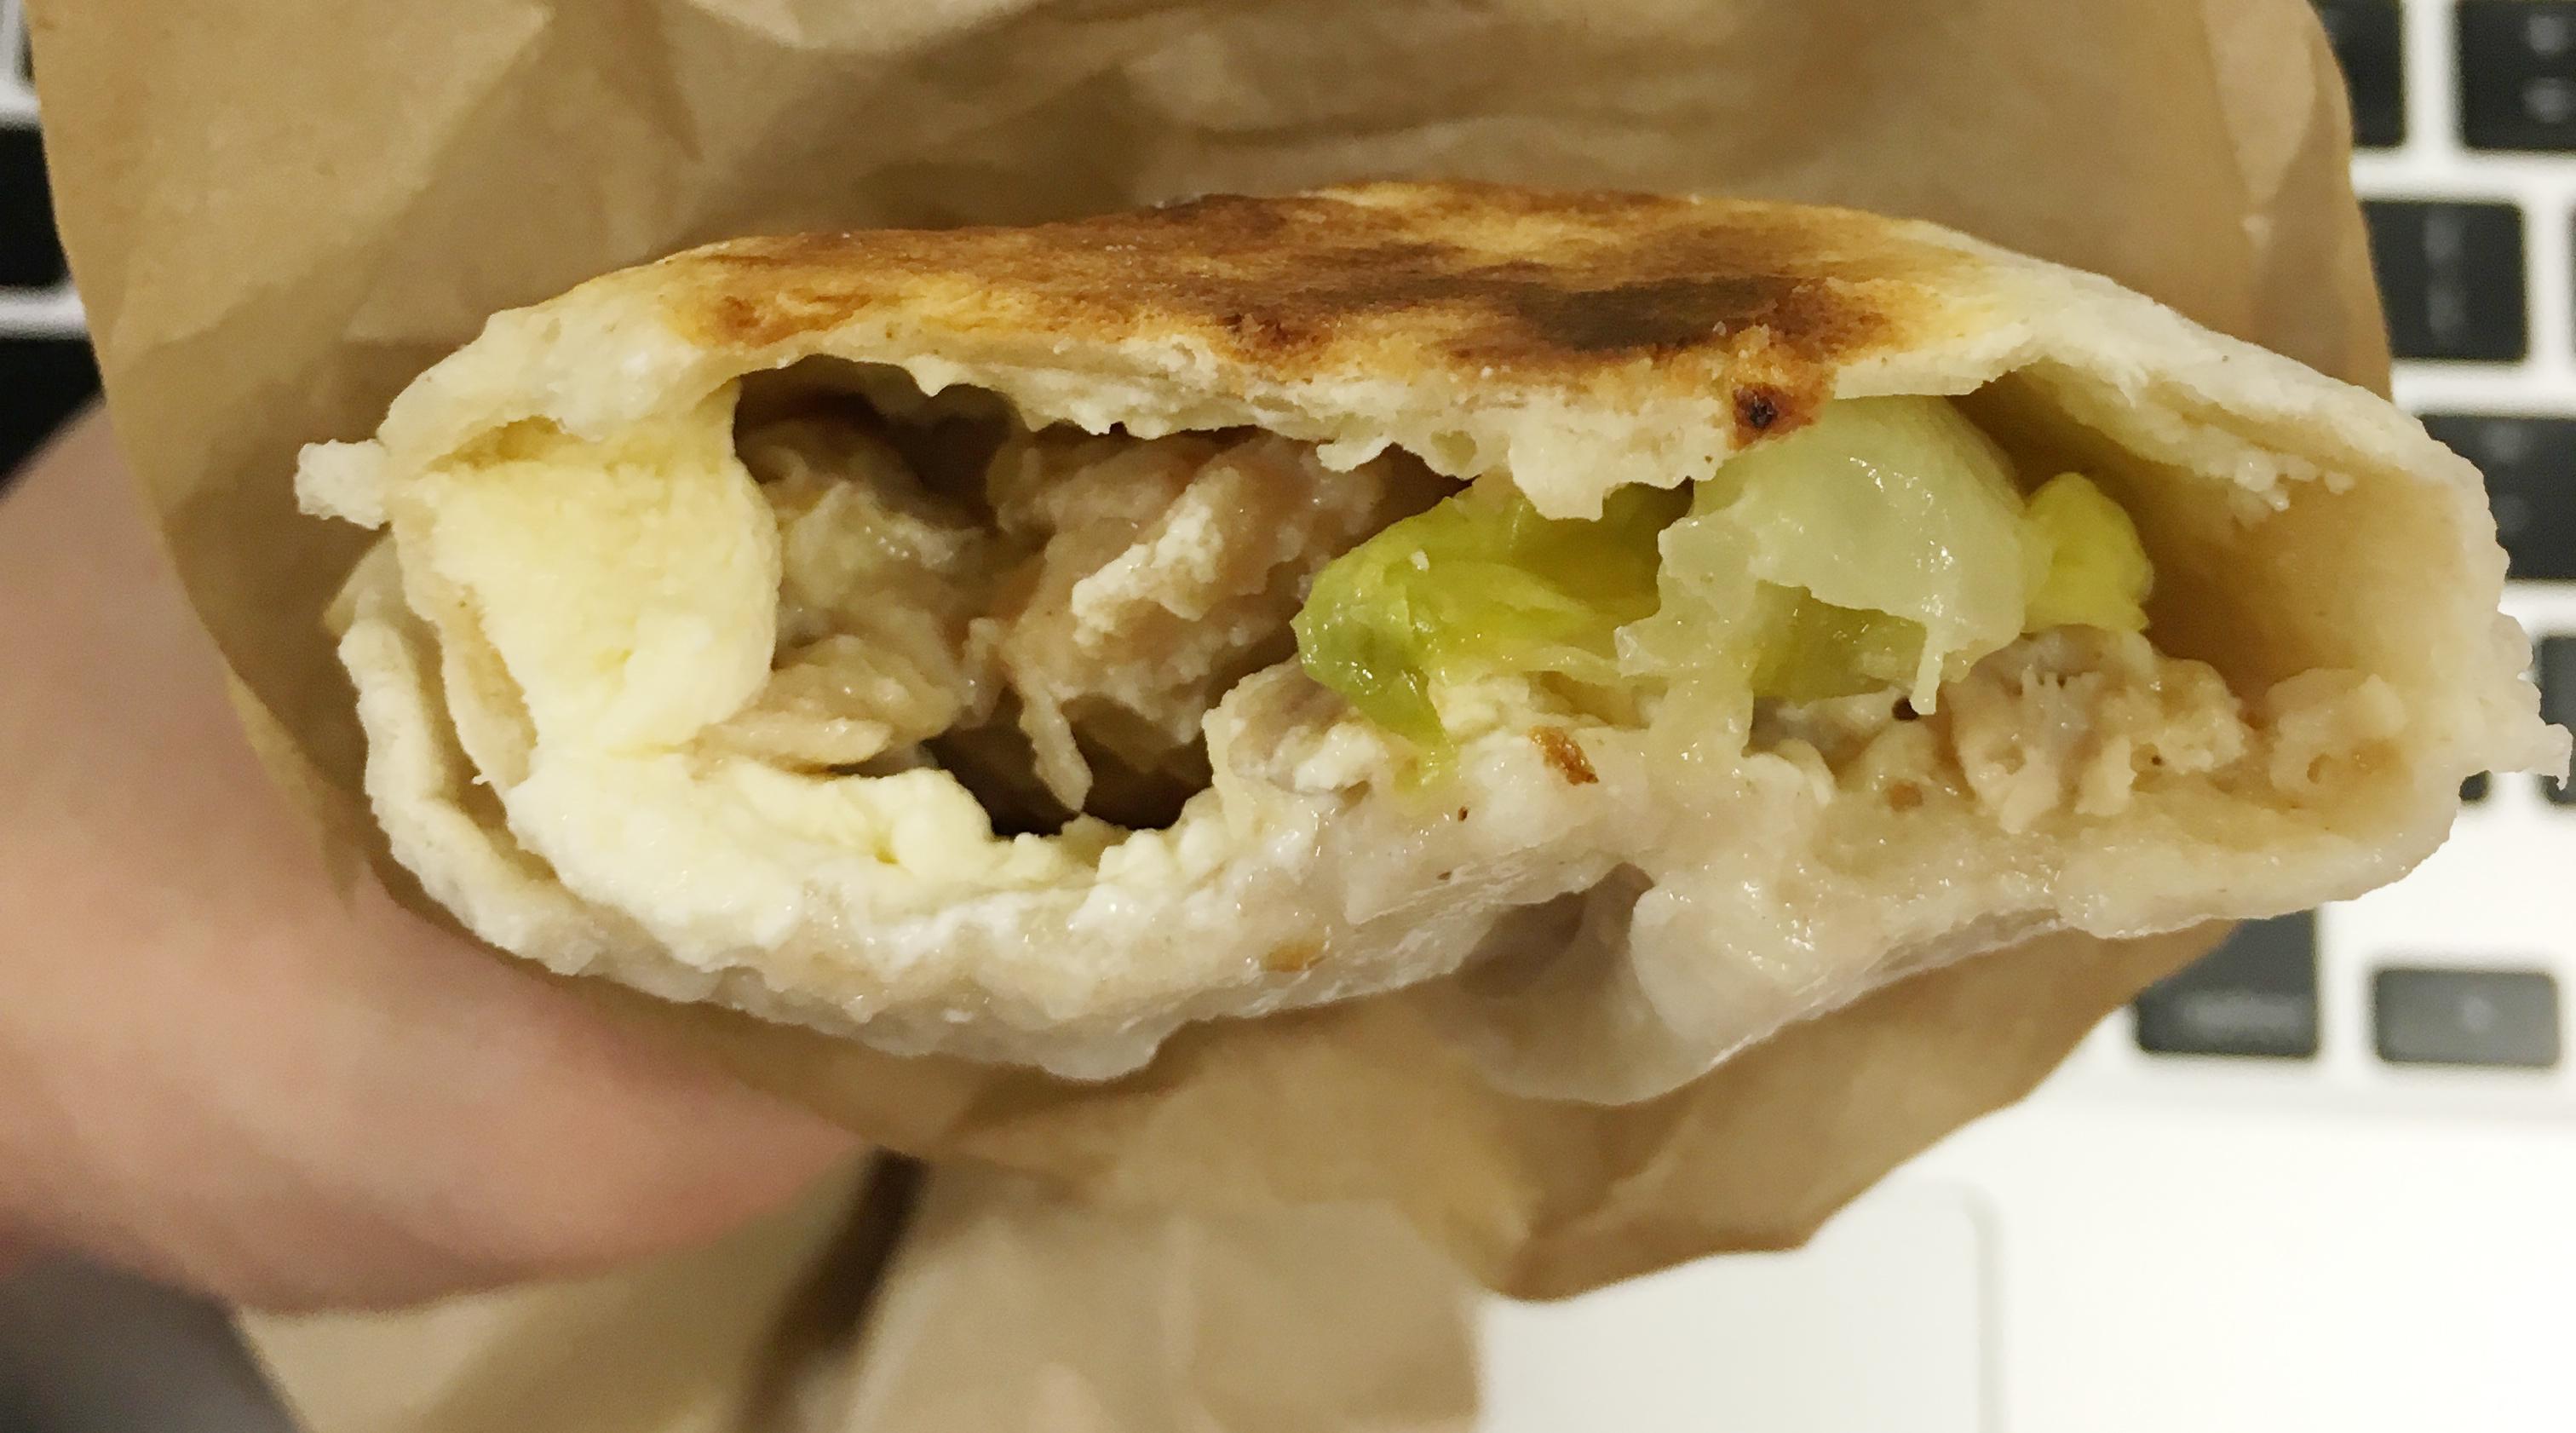 【飲食台】泰式沙嗲忌廉芝士烤雞卷